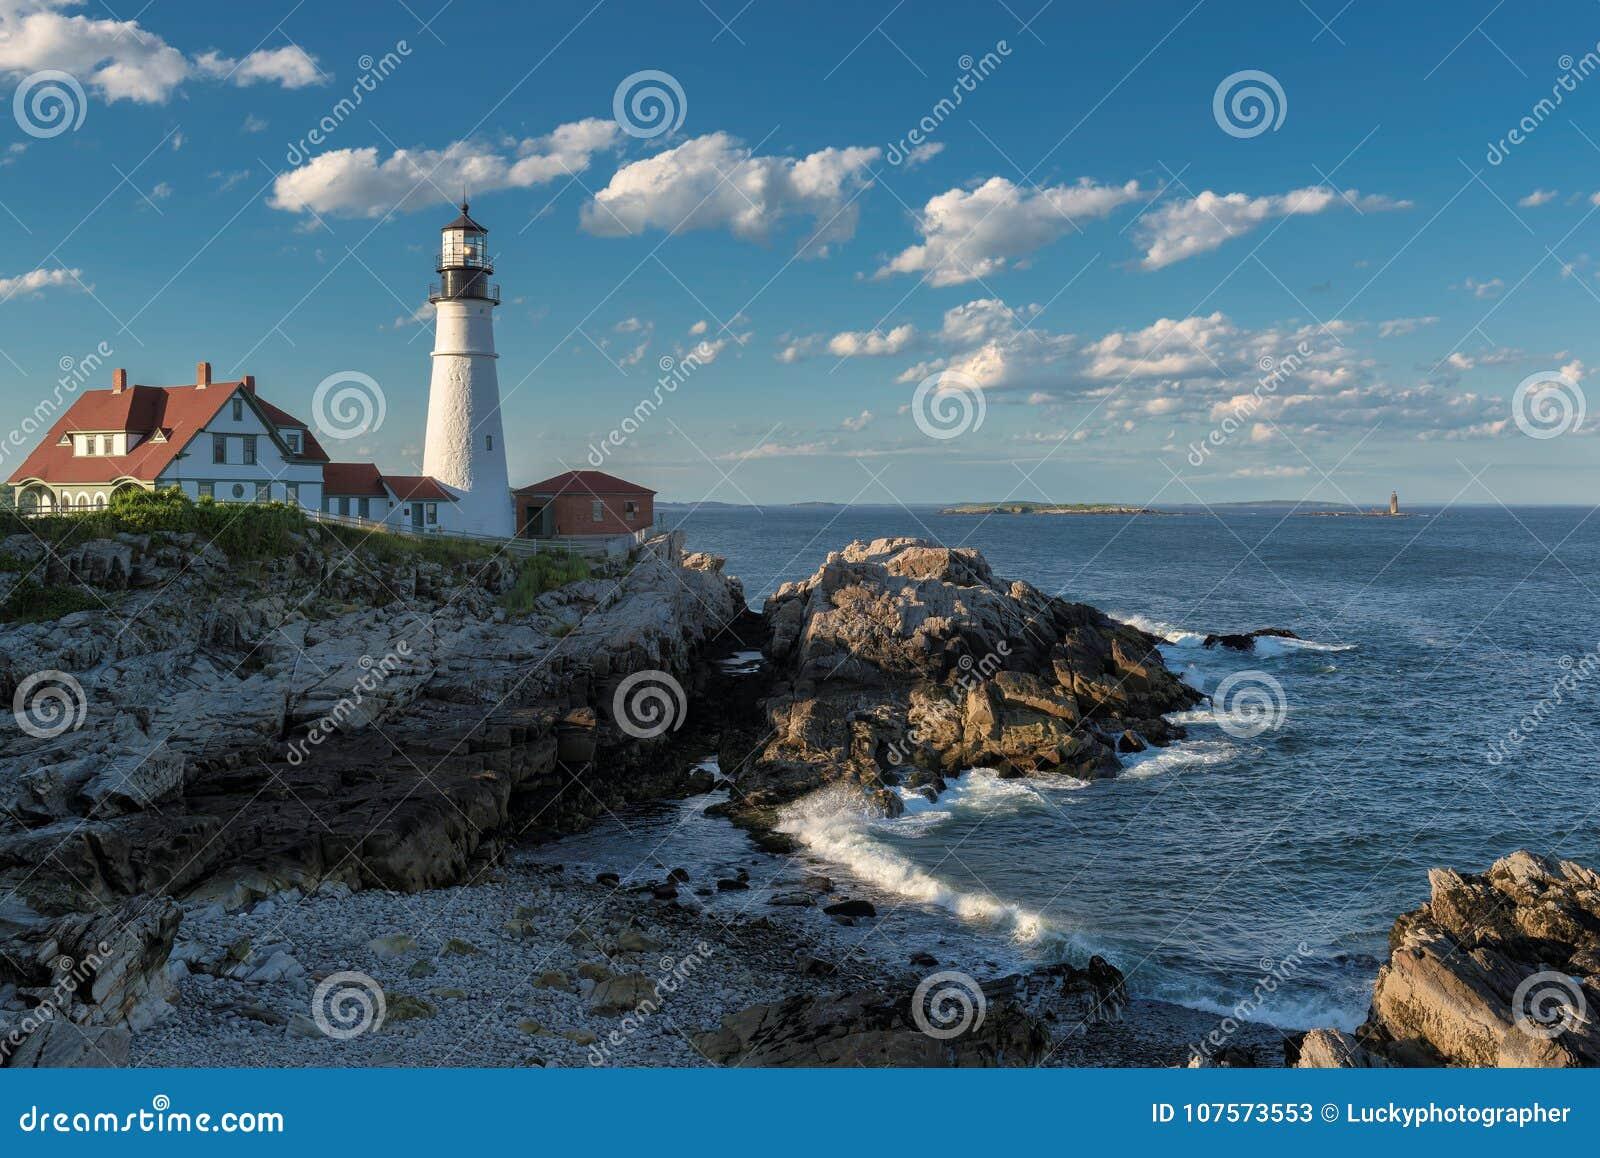 De Vuurtoren van Portland in Kaap Elizabeth, Maine, de V.S.